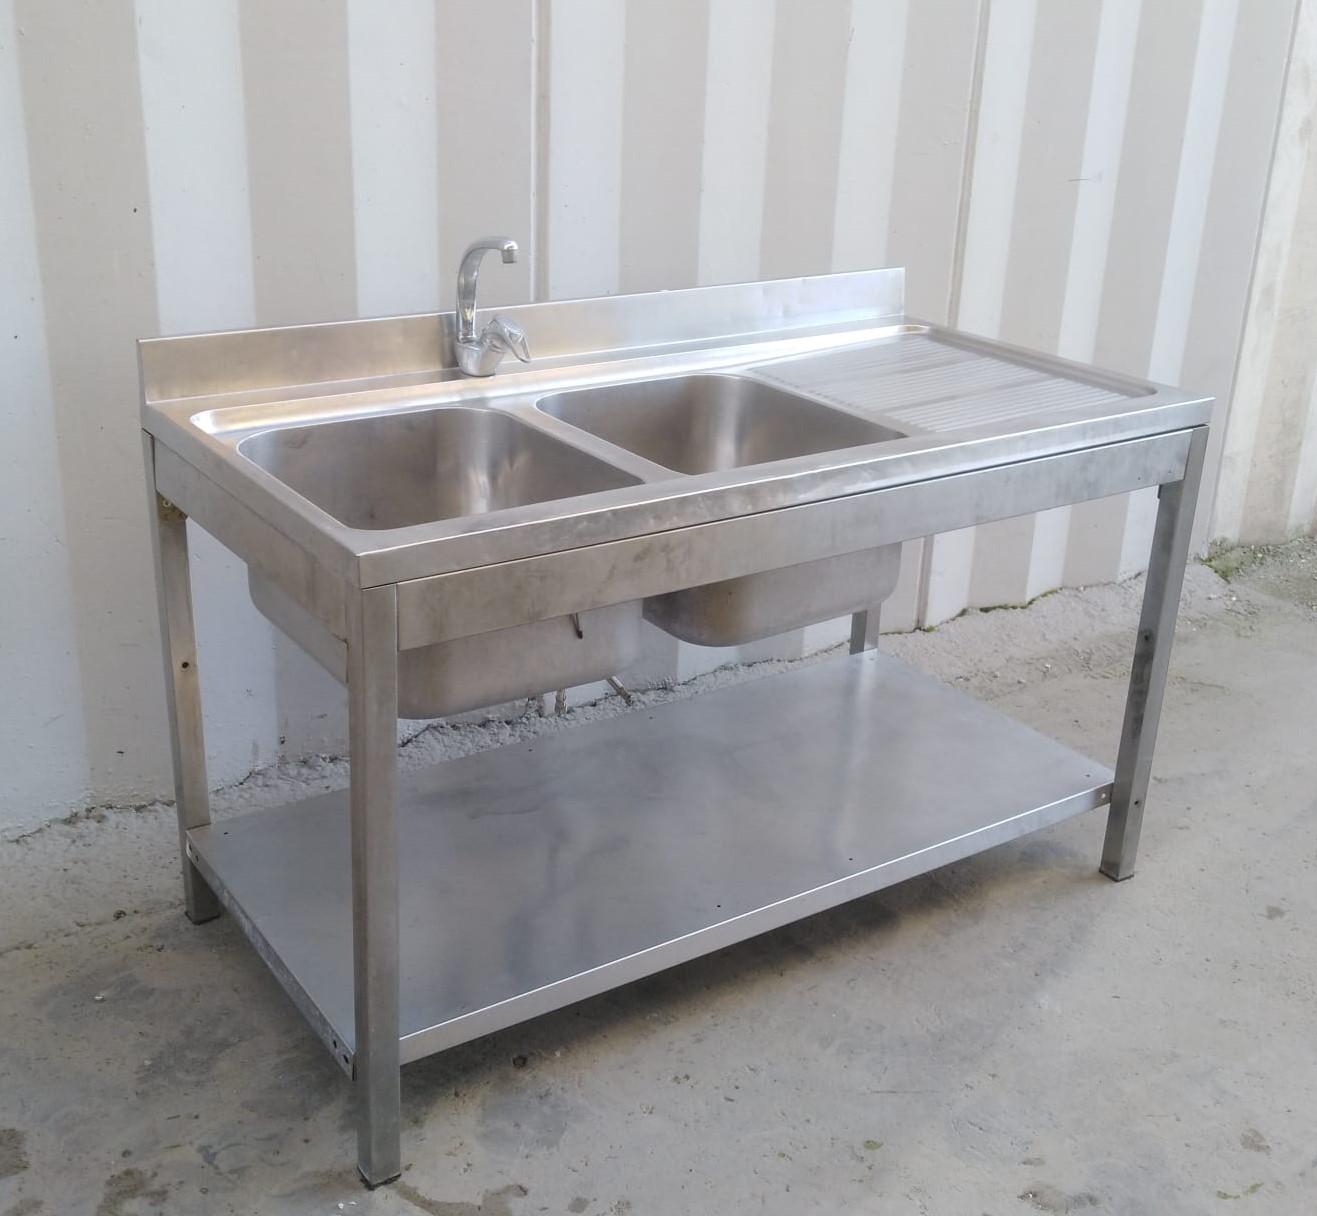 Lavello doppia vasca e gocciolatoio con alzatina in vendita - foto 3